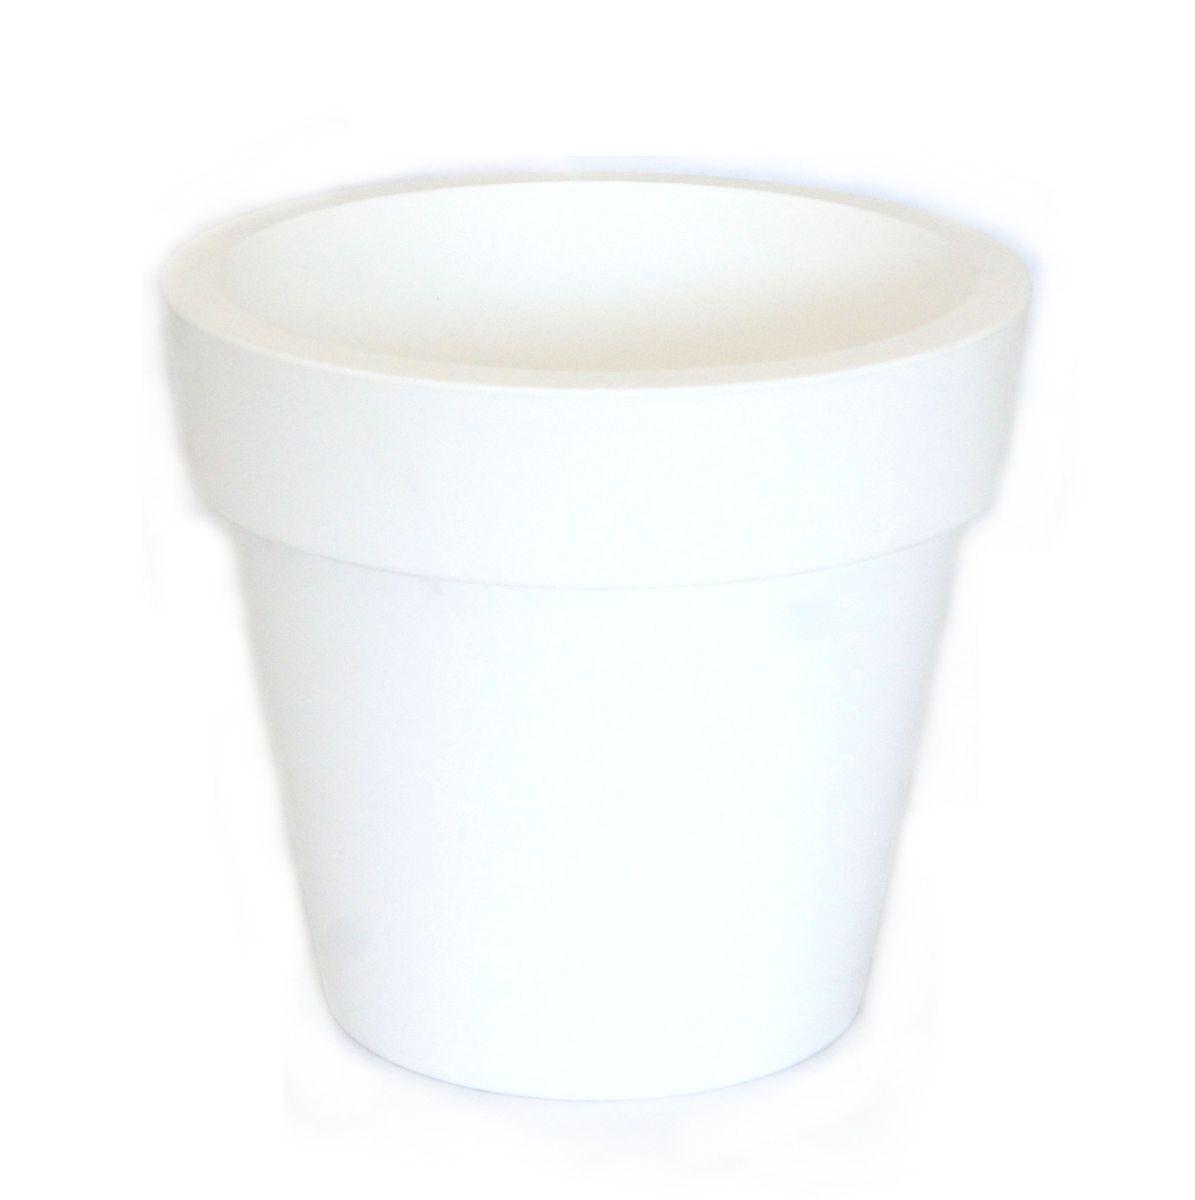 Кашпо JetPlast Порто, со вставкой, цвет: белый, 2,4 л4612754052585Кашпо Порто классической формы с внутренней вставкой-горшком. Дренажная вставка позволяет легко поливать растения без использования дополнительного поддона. Вместительный объем кашпо позволяет высаживать самые разнообразные растения, а съемная вставка избавит вас от грязи и подчеркнет красоту цветка. Оно изготовлено из прочного полипропилена (пластика). Такое кашпо порадует вас функциональностью, а благодаря лаконичному дизайну впишется в любой интерьер помещения. Объем кашпо: 2,4 л.